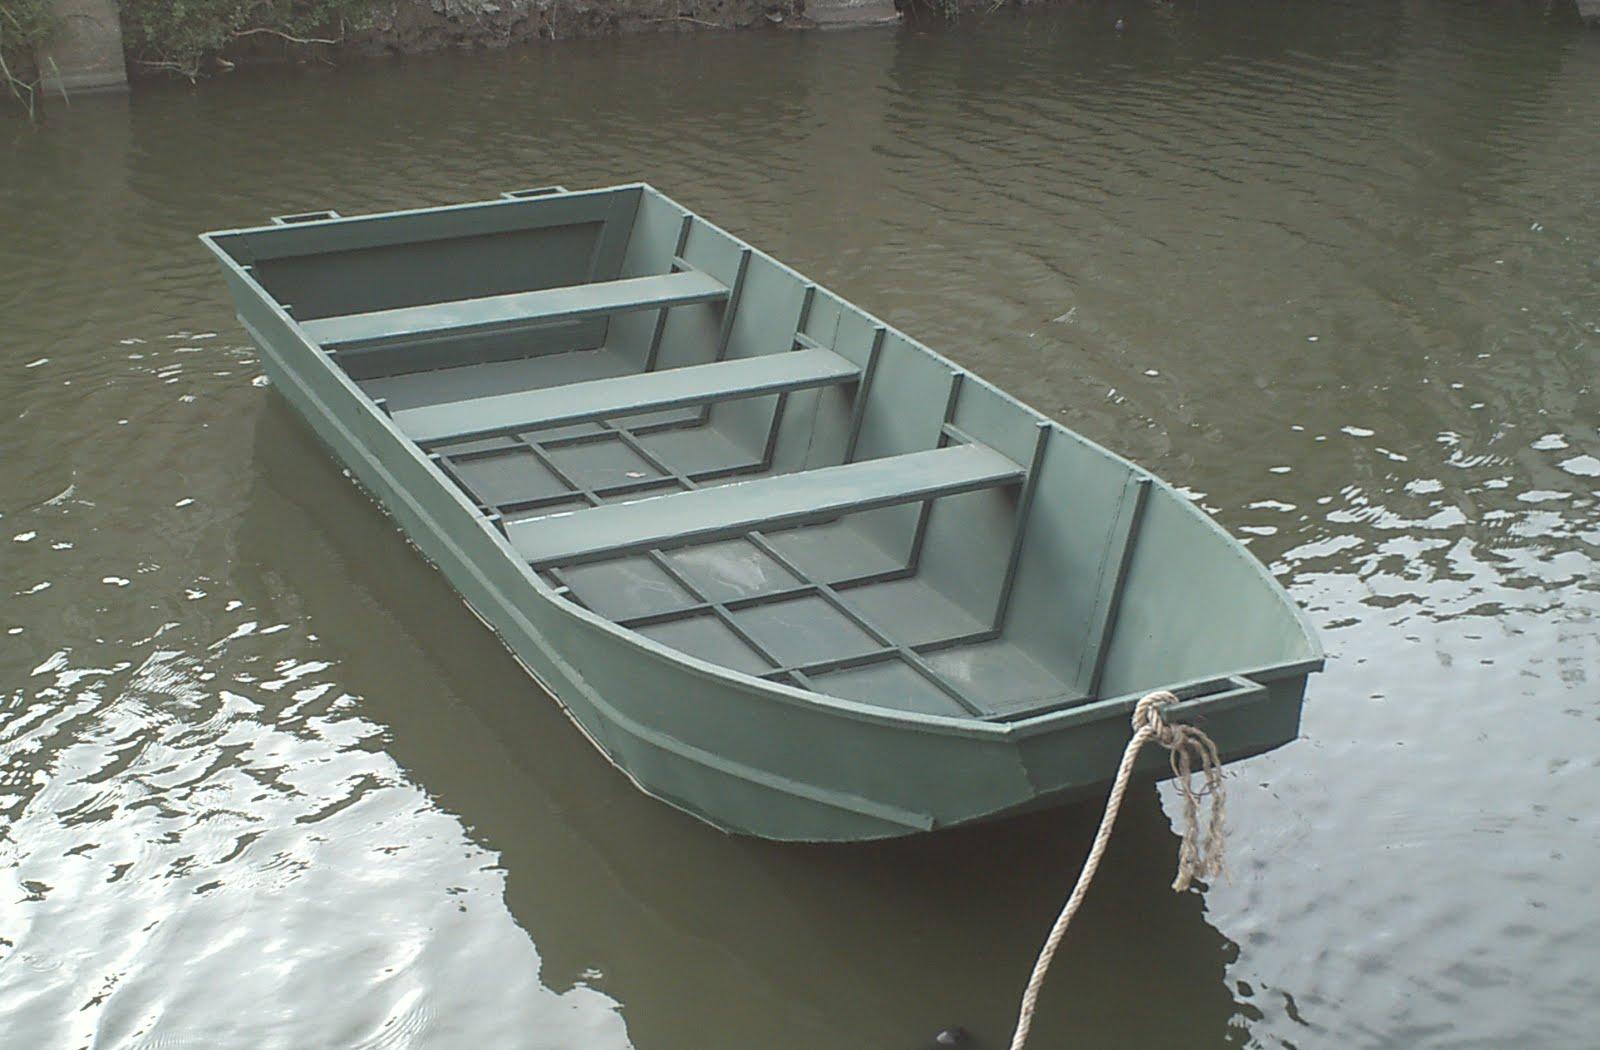 ////สอบถามเรื่องเรือ....ทำไมเรือเหล็ก...จึงไม่ค่อยได้รับความนิยม.....\\\\